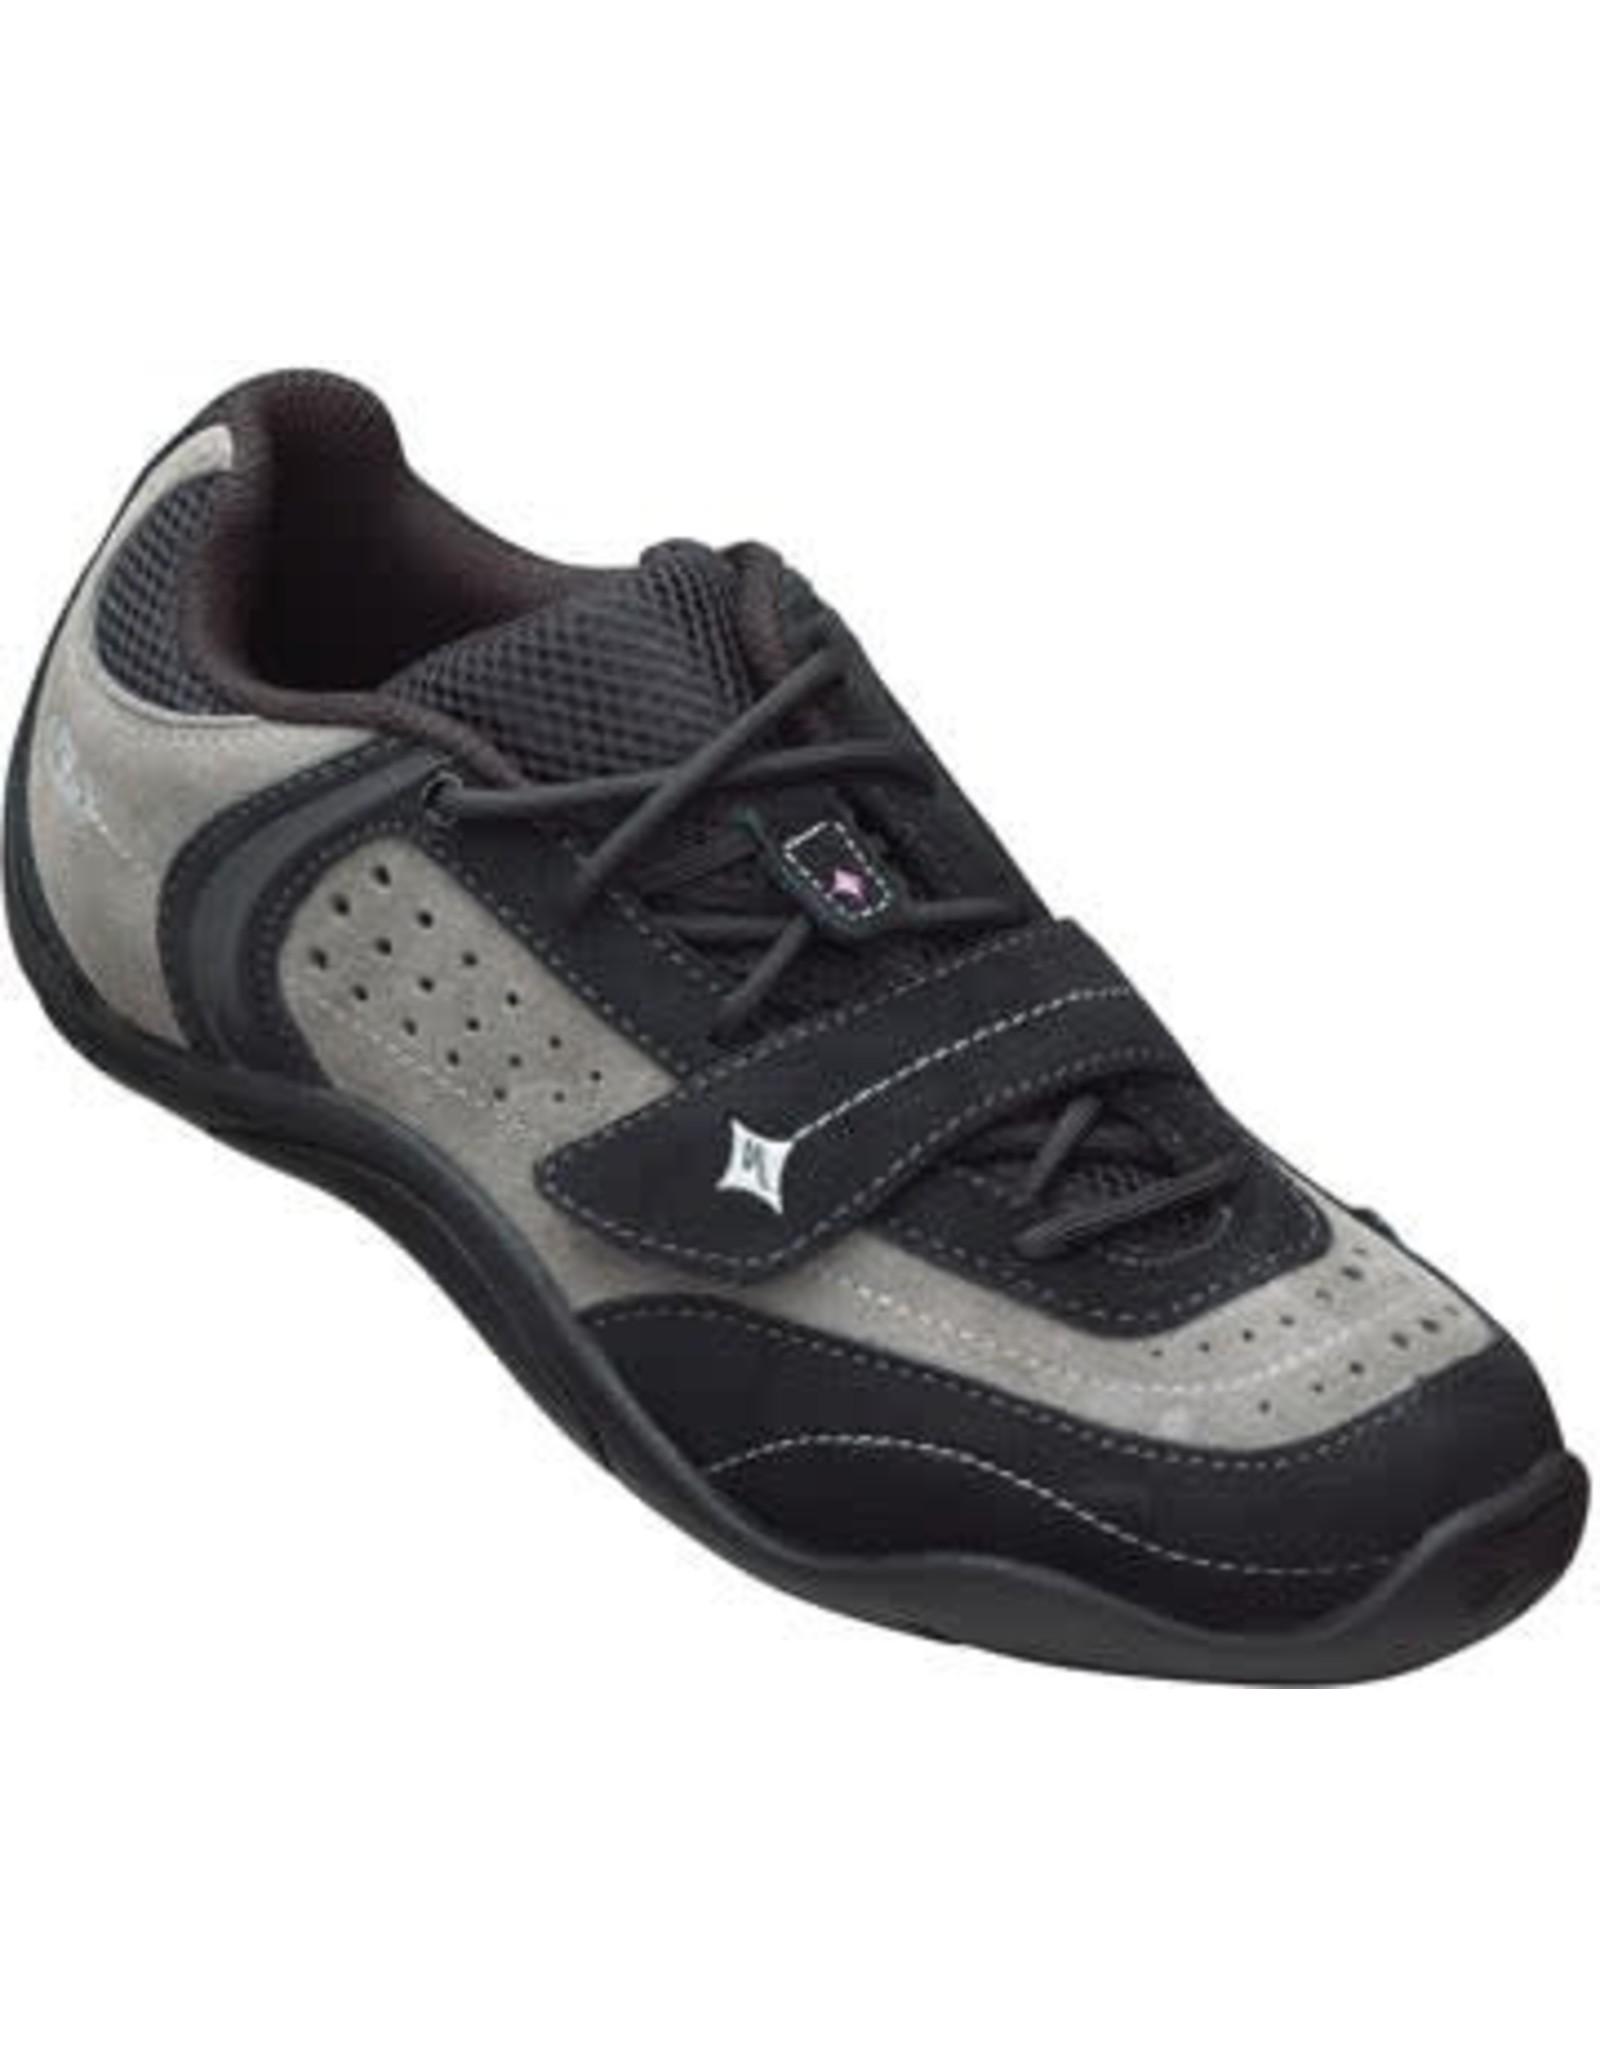 SPECIALIZED Specialized Women's Sonoma Shoe - Grey/Berry - 38